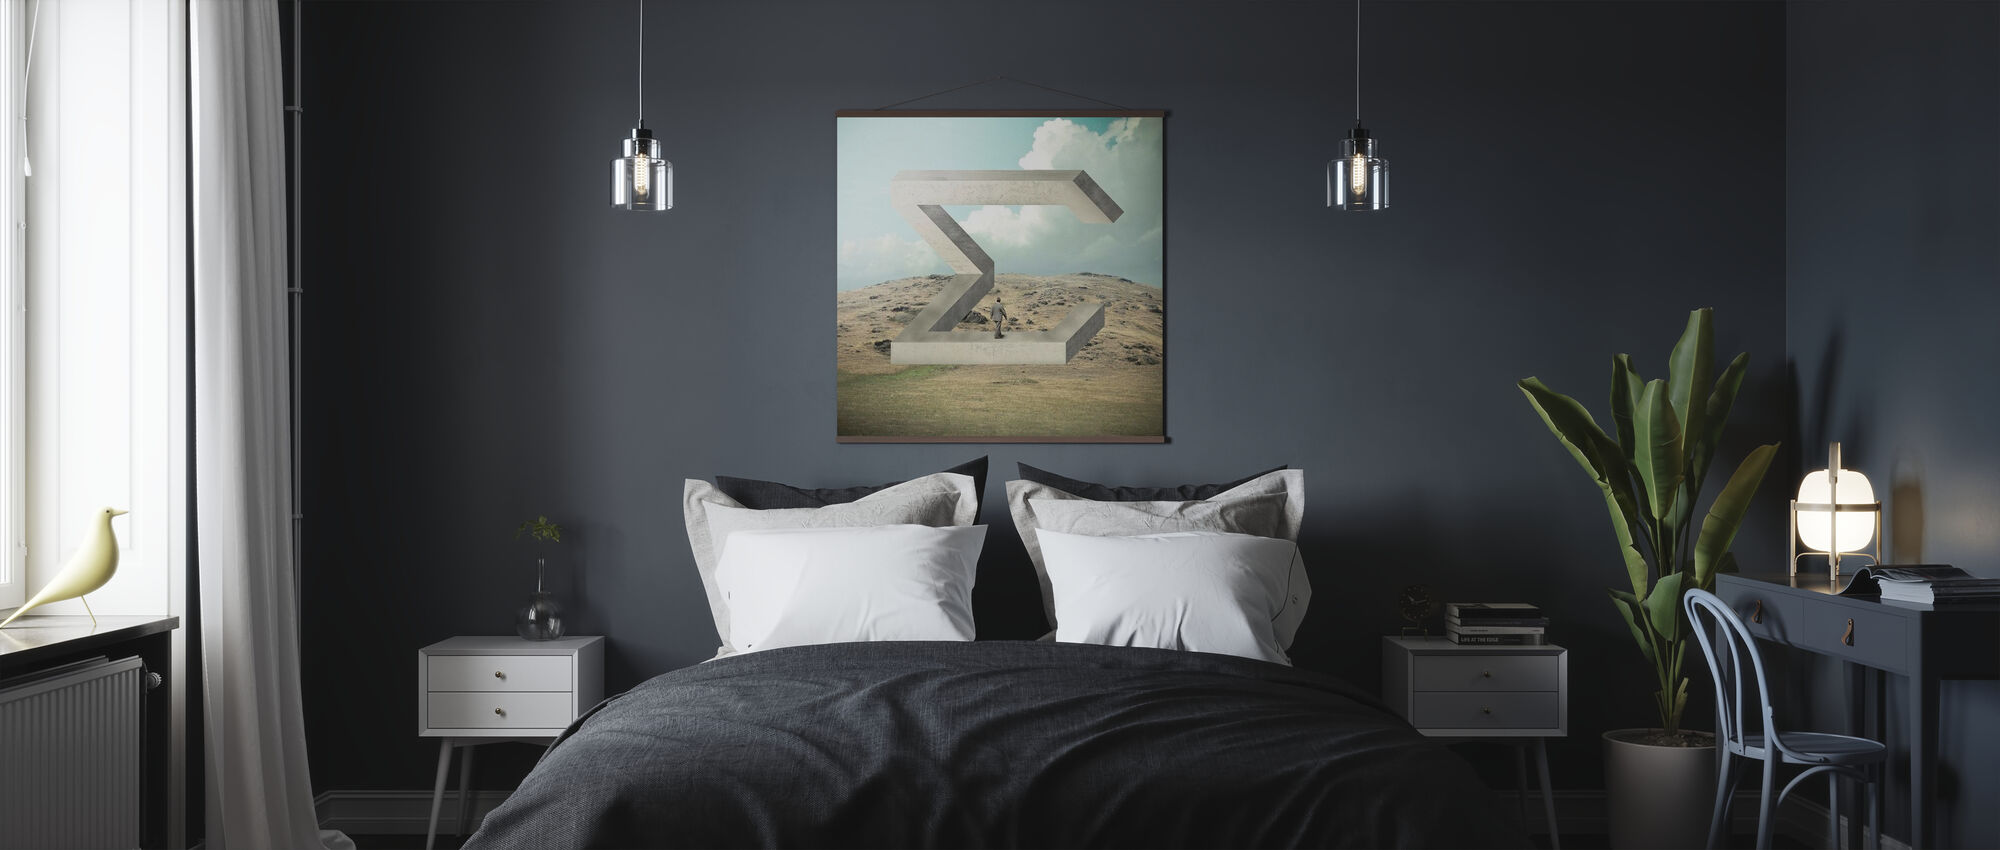 Betrag - Poster - Schlafzimmer